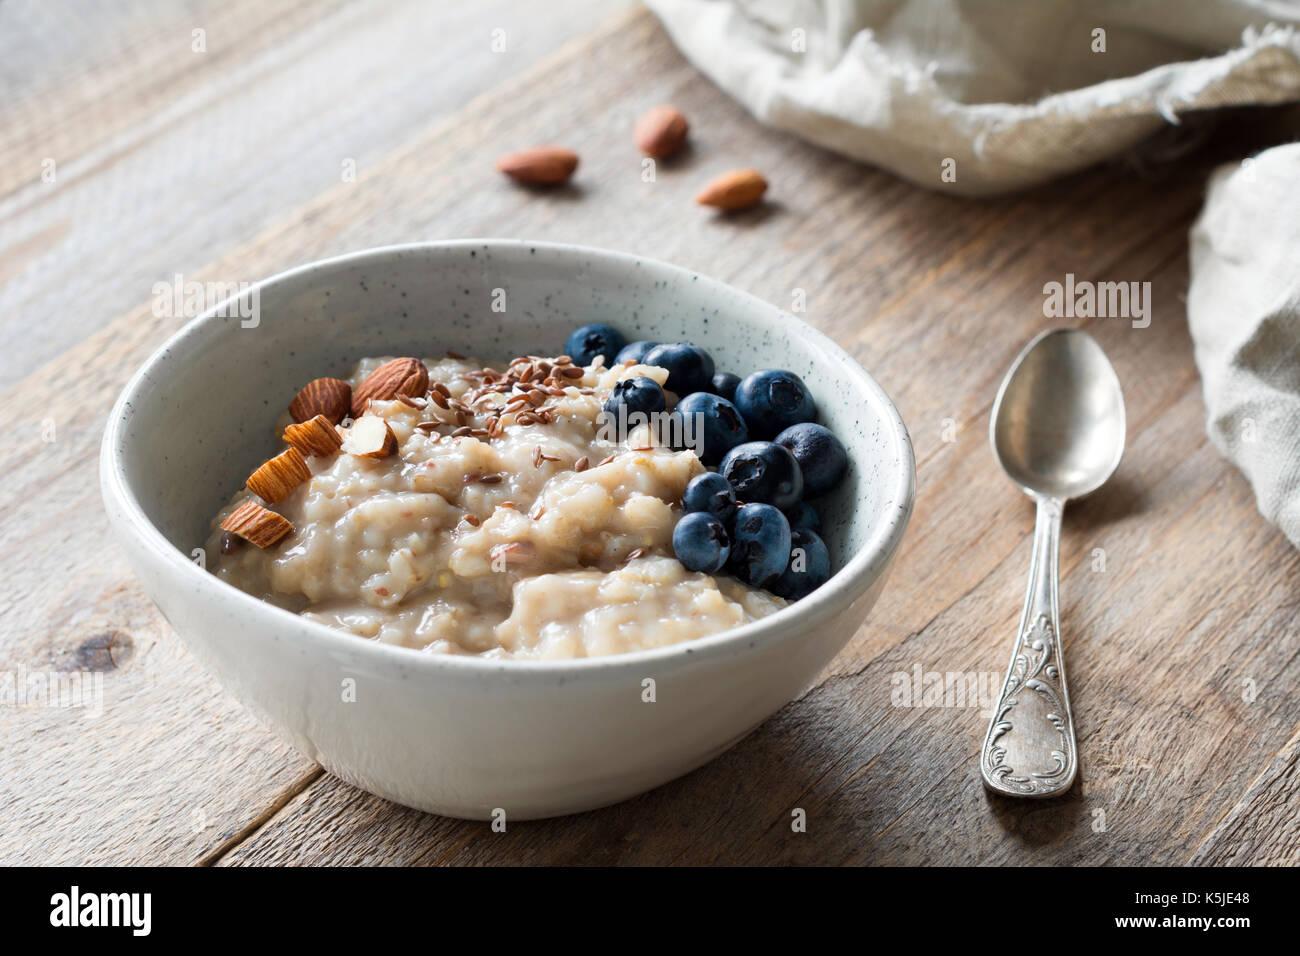 Gachas de avena con arándanos, almendras, linseeds en el recipiente sobre la mesa de madera. súper alimento saludable nutritivo desayuno Imagen De Stock